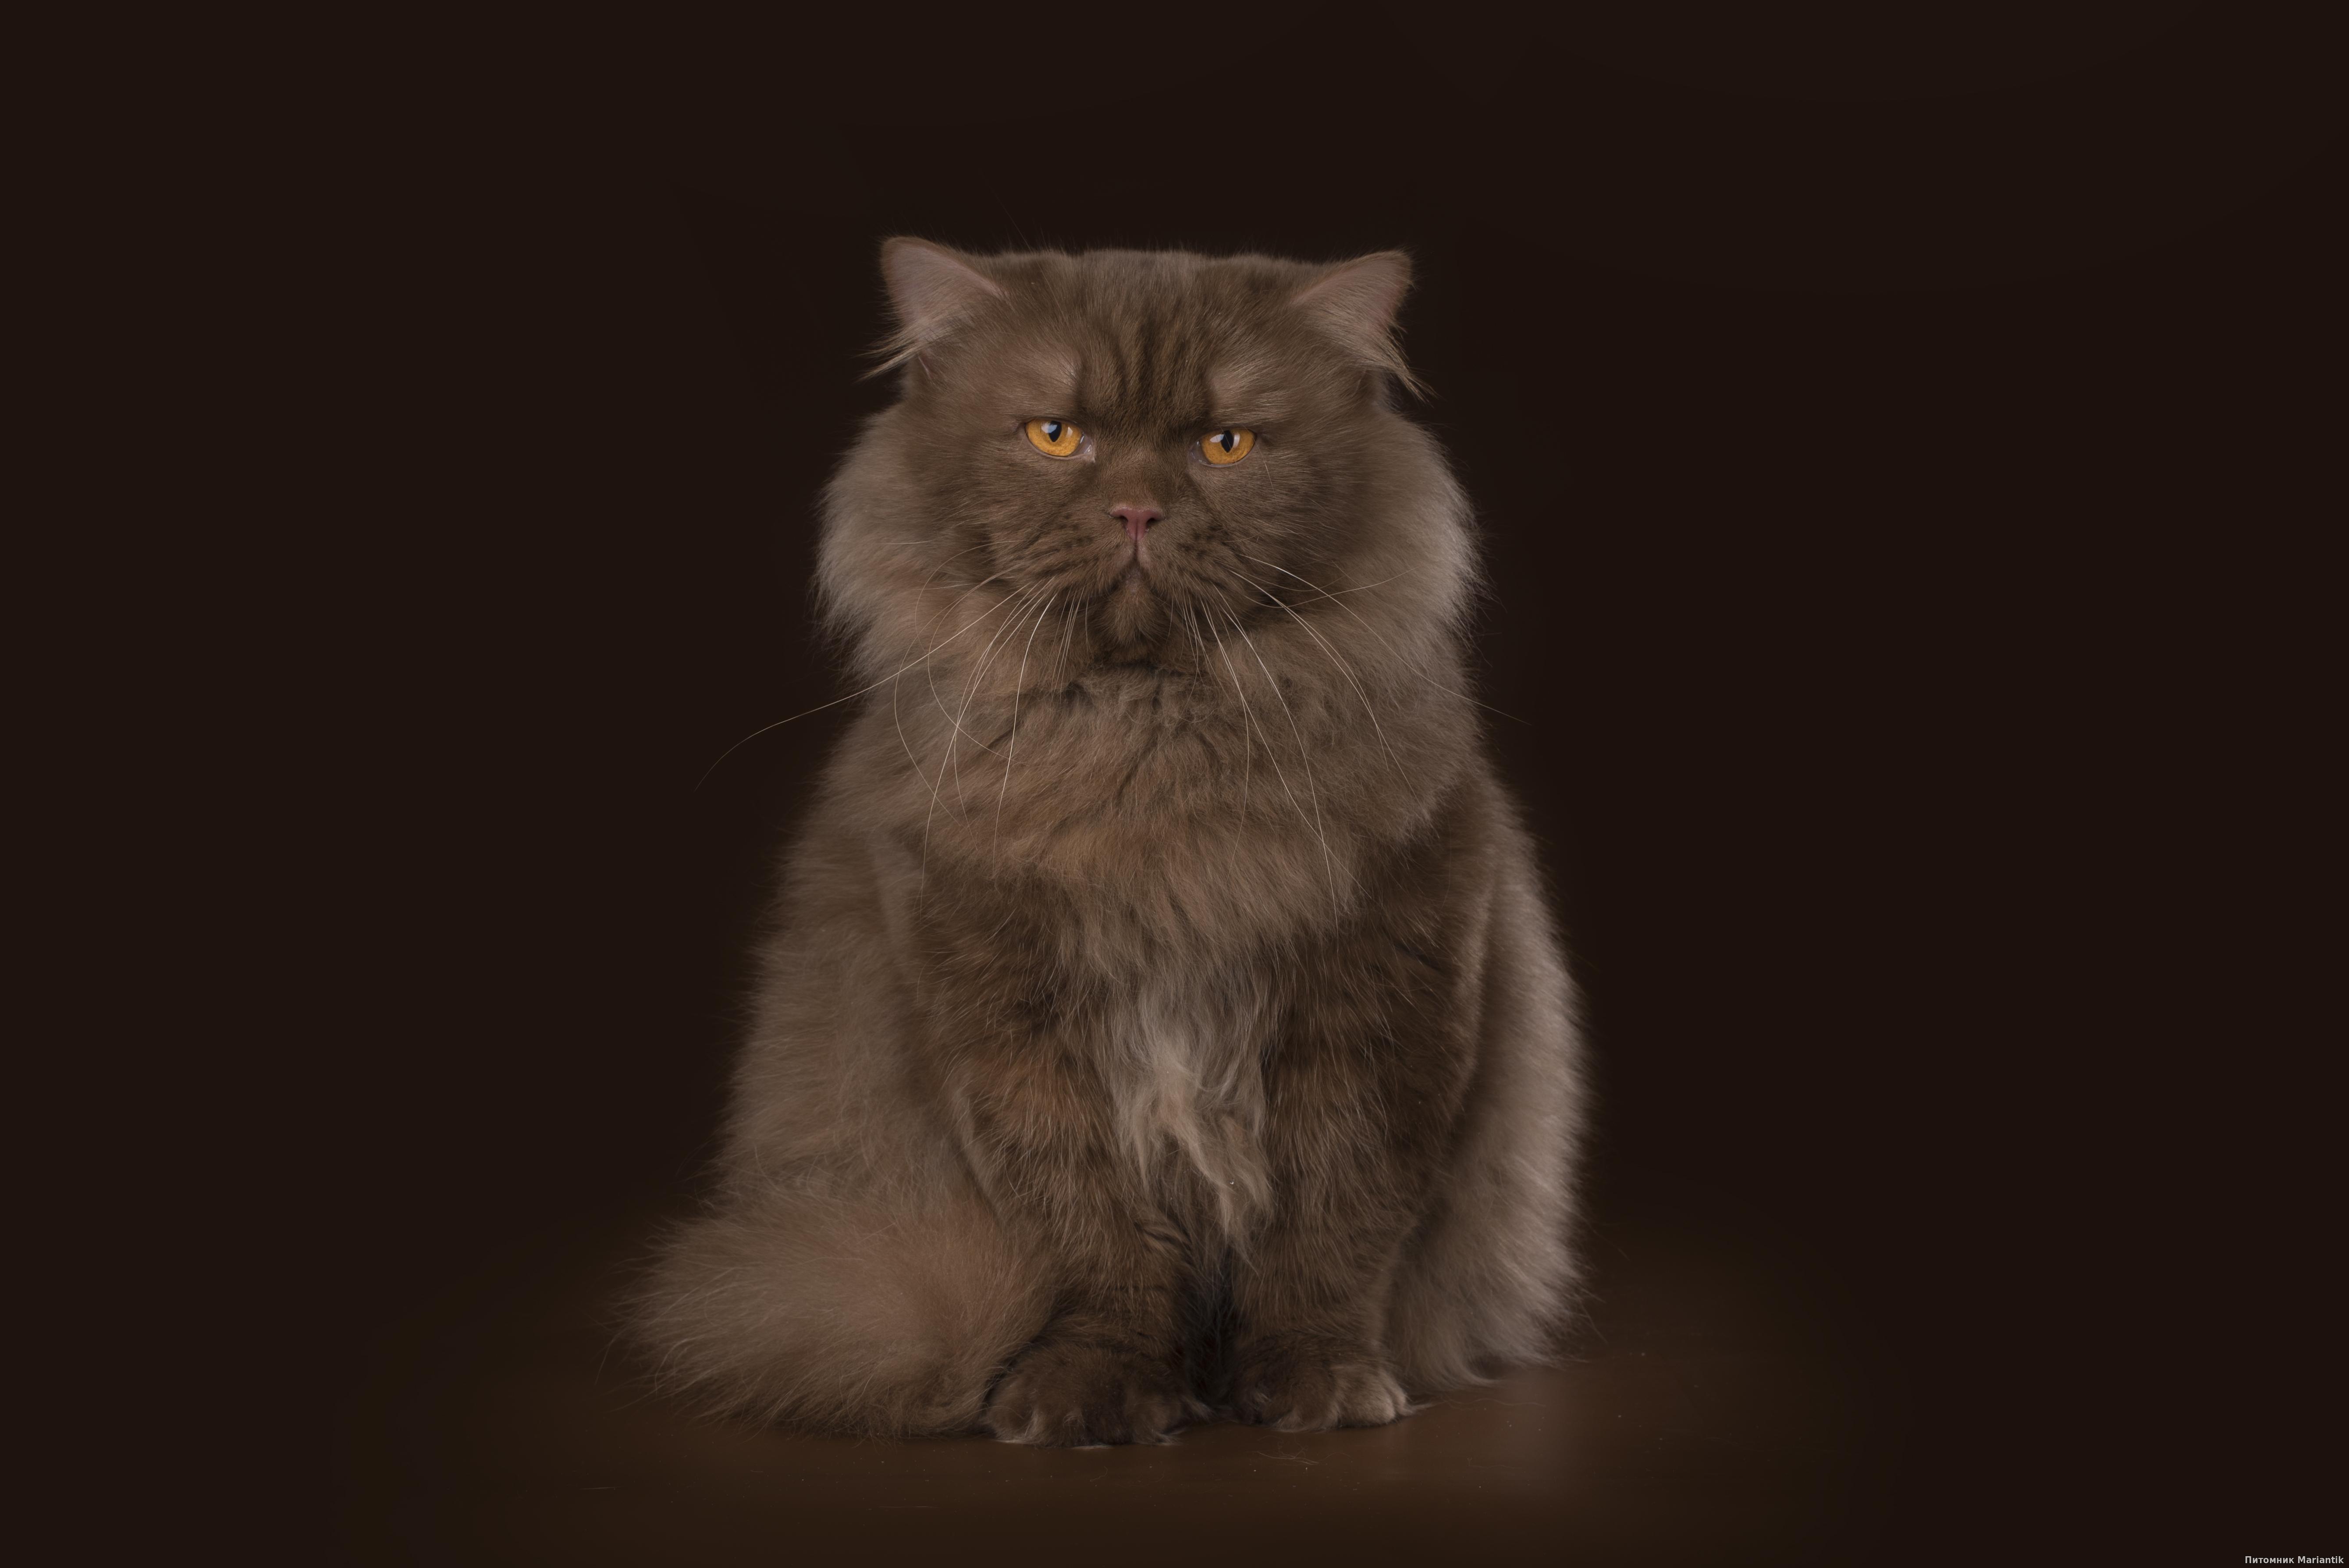 британский длинношерстный кот окраса циннамон питомник Mariantik